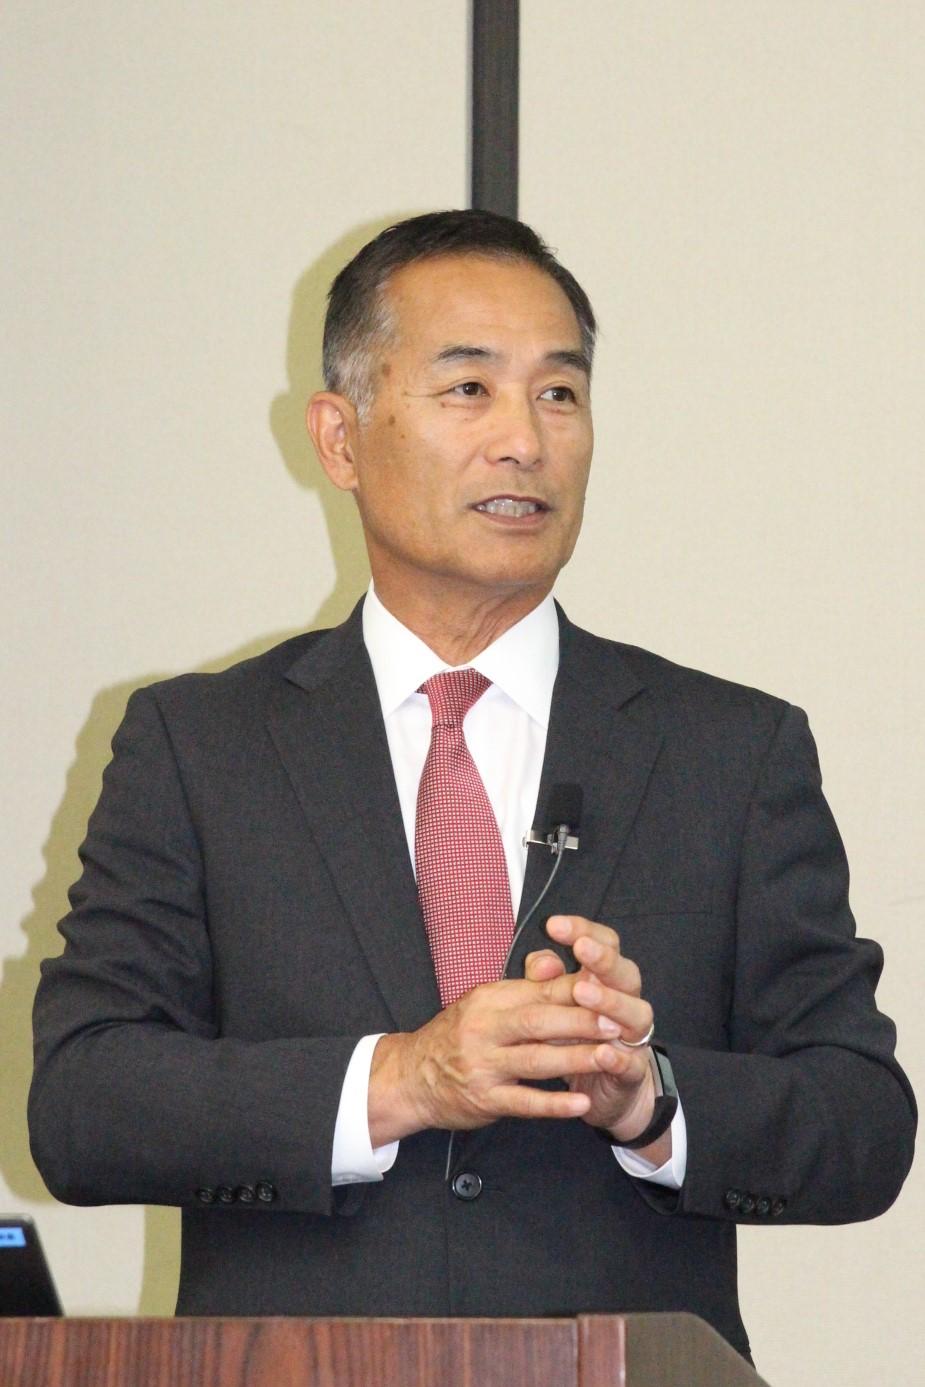 経営方針を説明する小柴社長